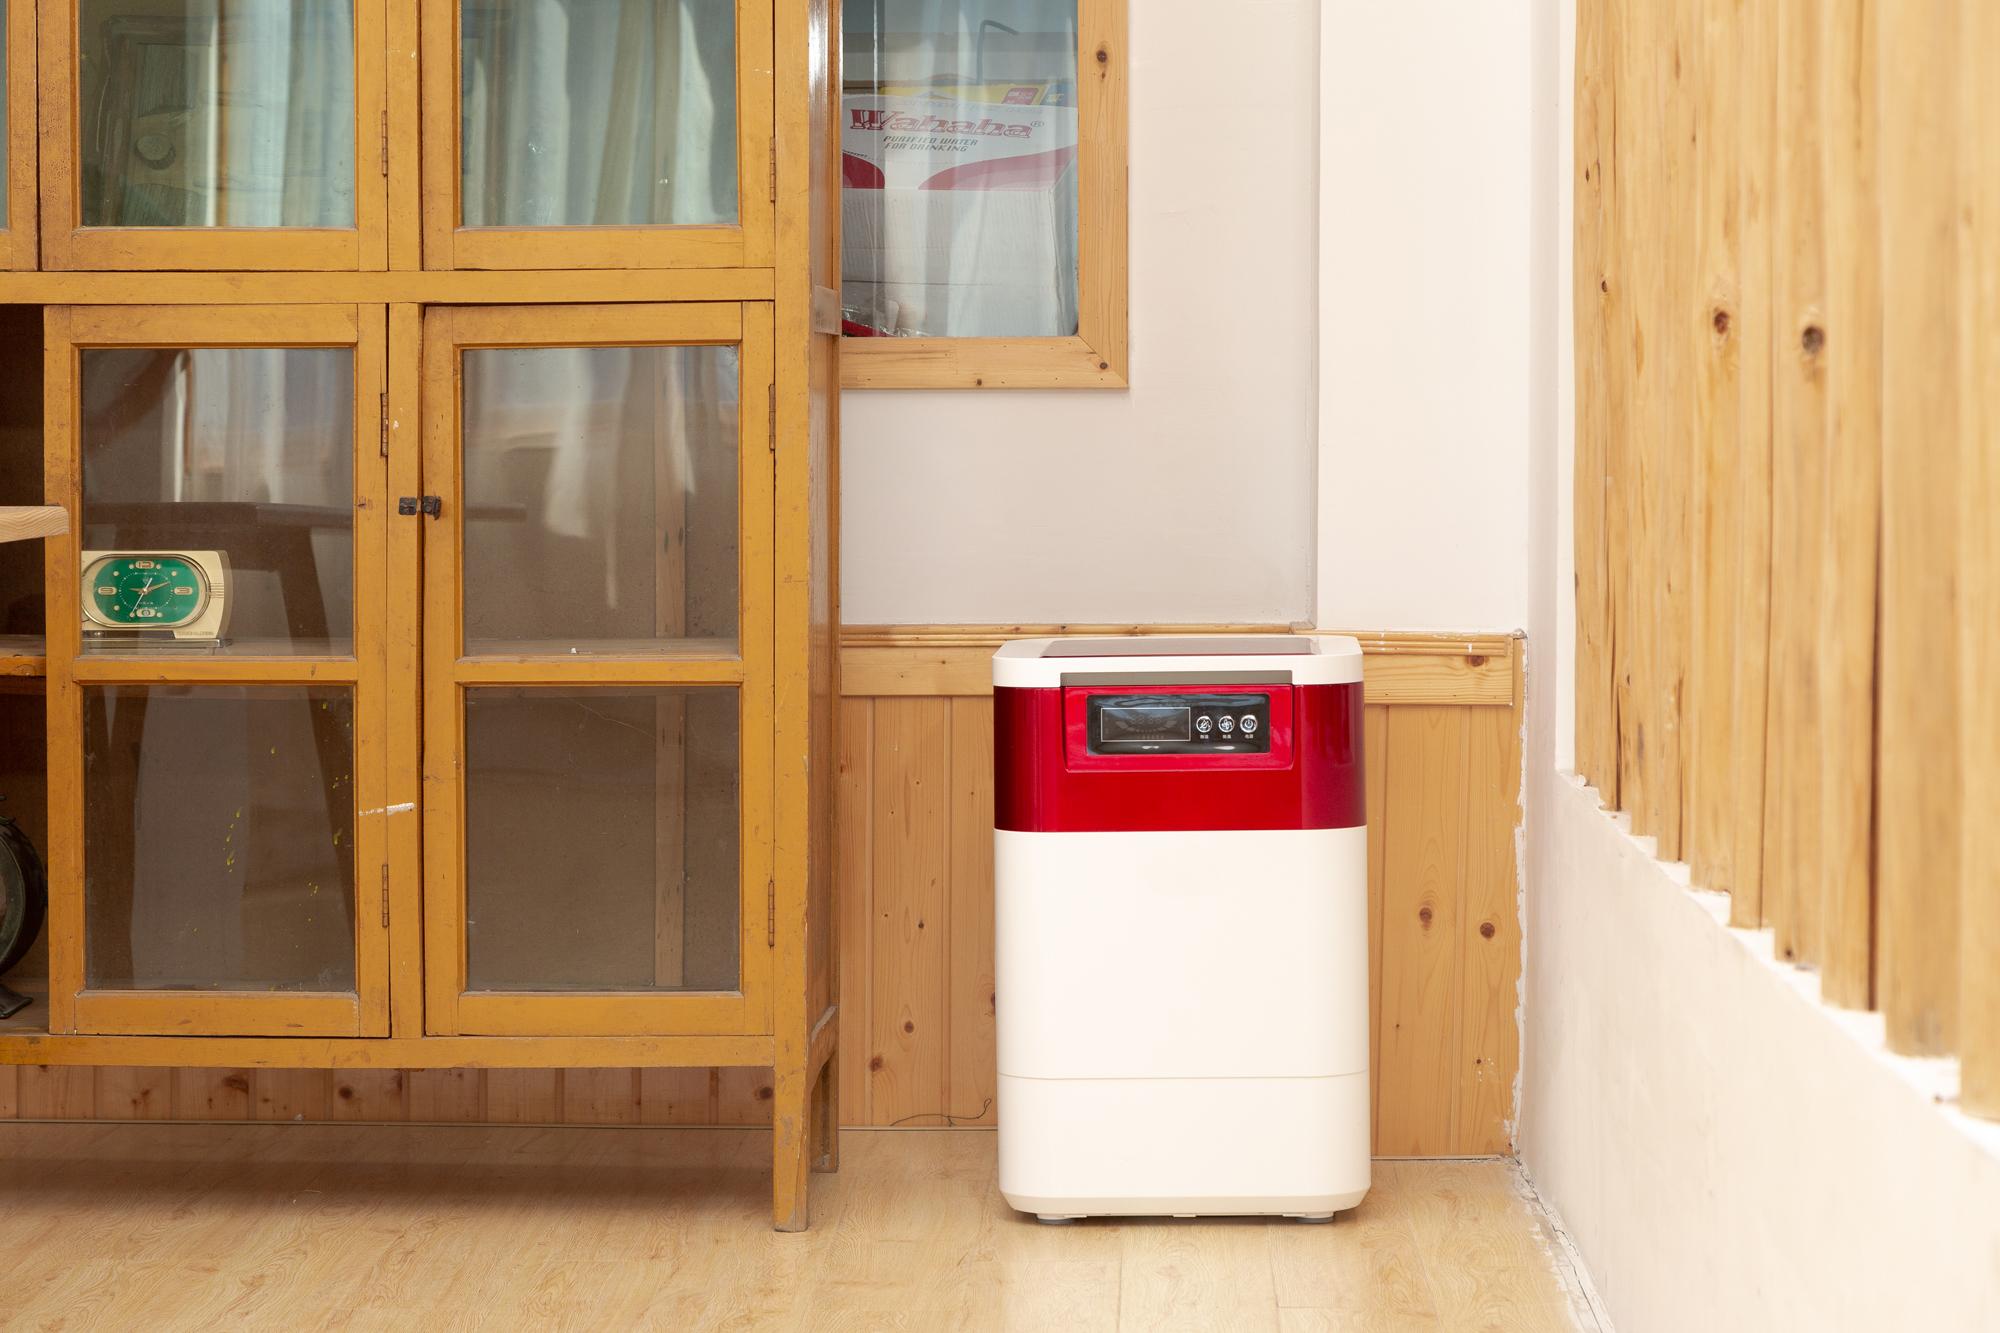 2KG food waste composting machine-Red